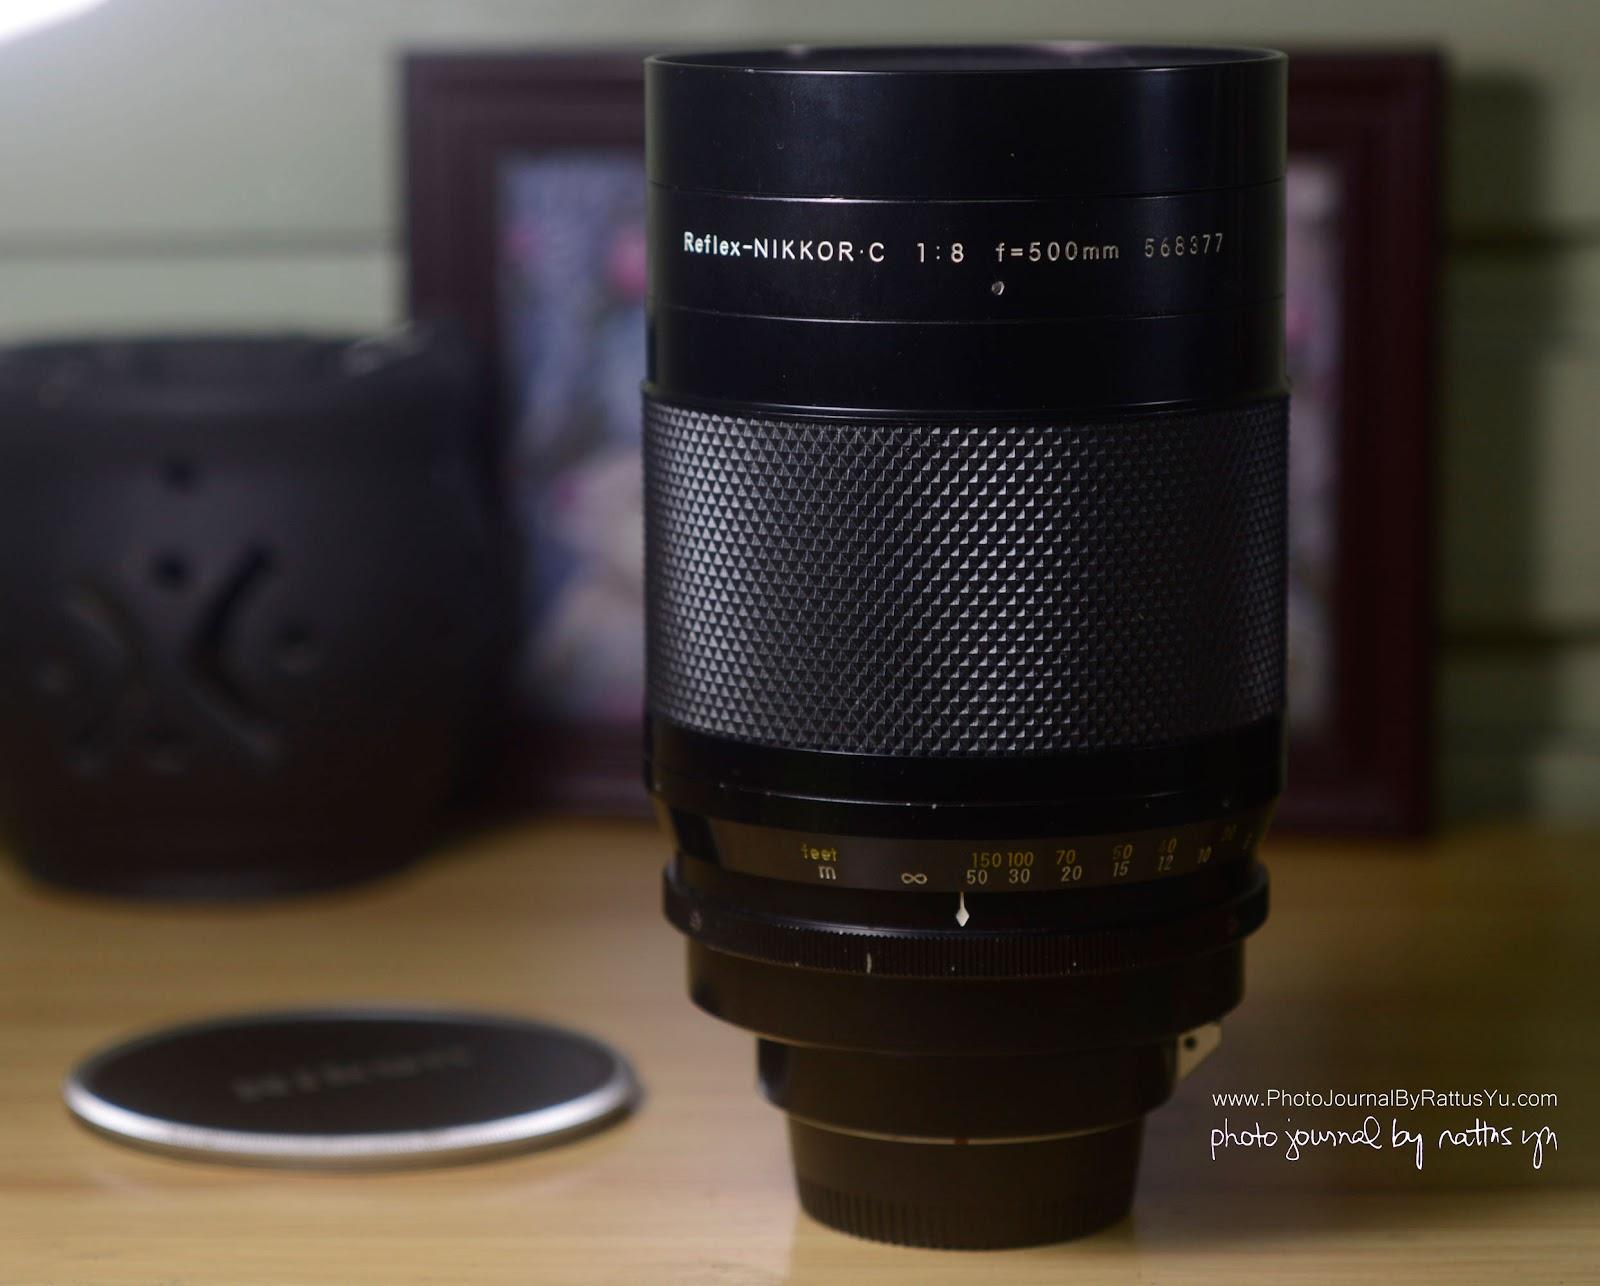 Reflex-Nikkor C. 500mm f/8